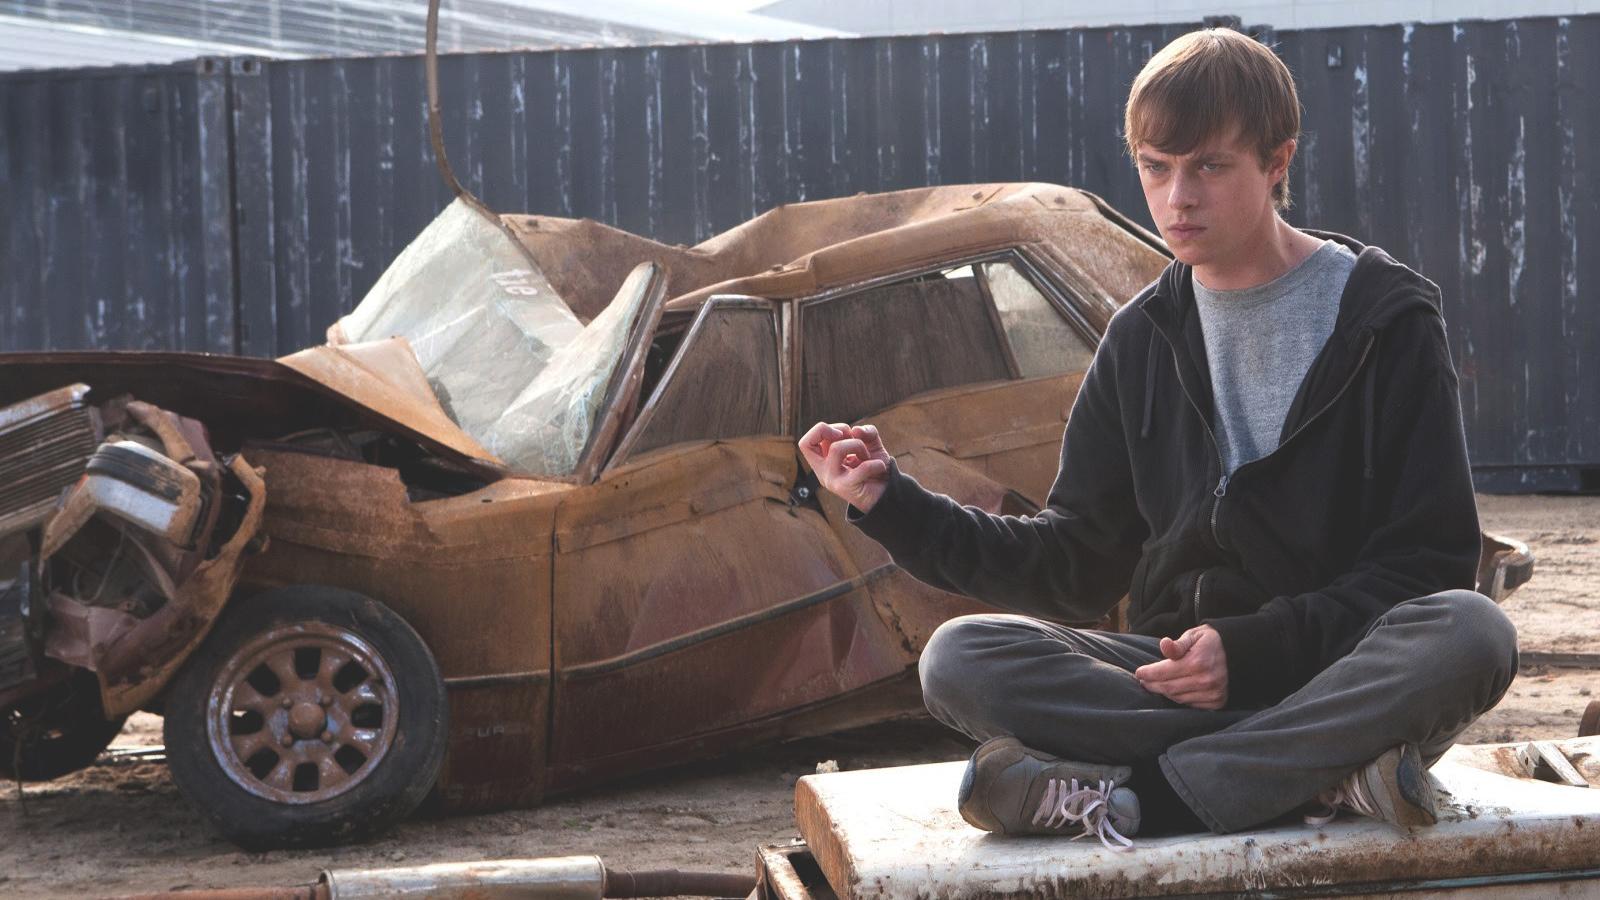 Andrew i filmen Chronicle krossar en bil med ren tankekraft